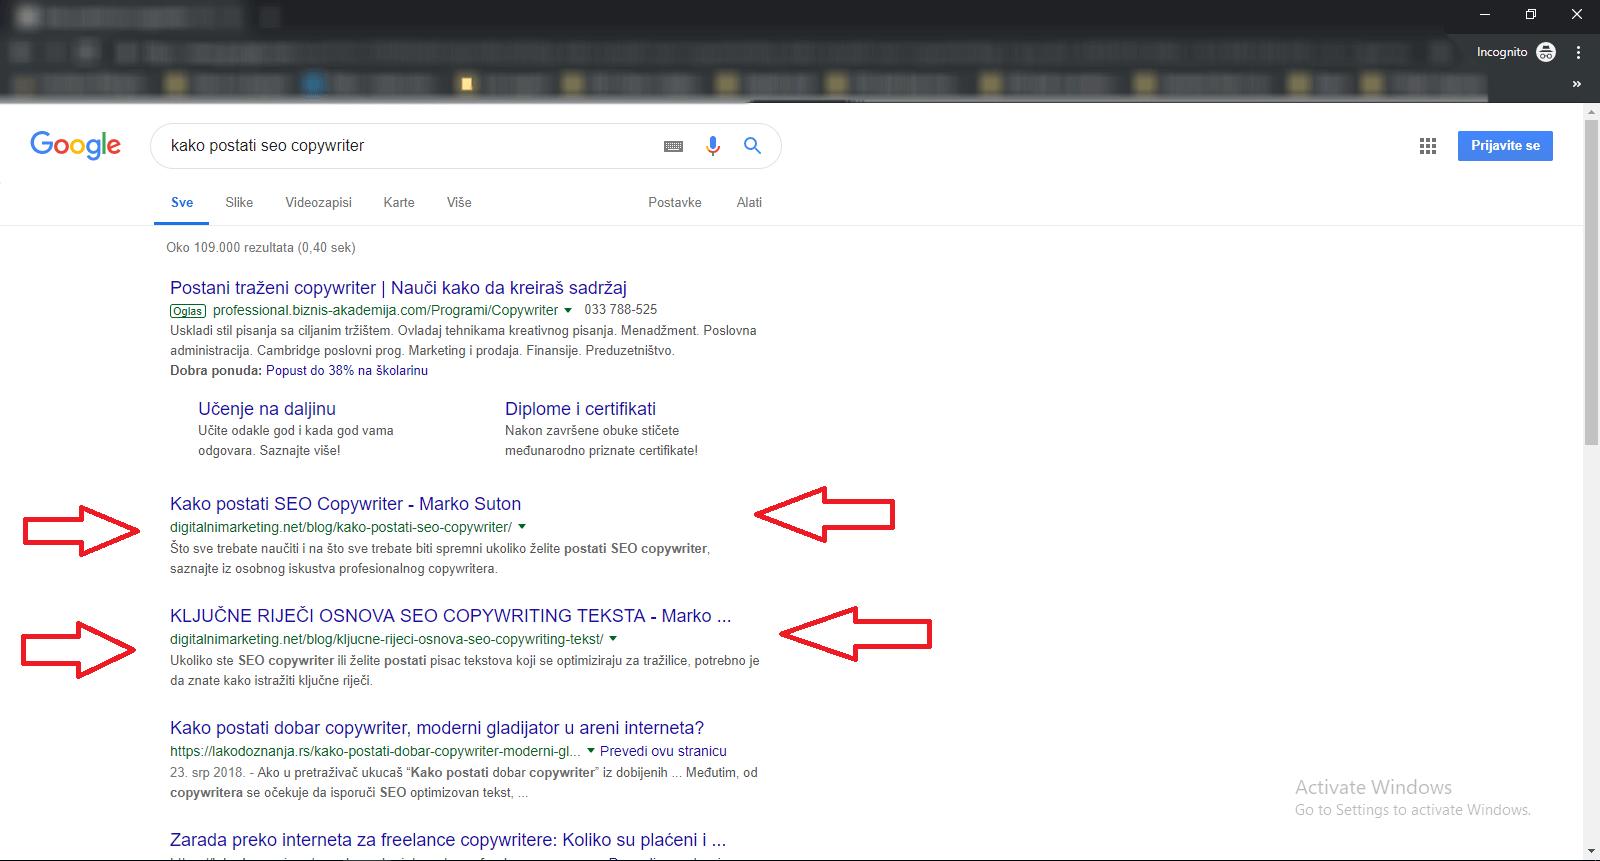 Za ključnu riječ KAKO POSTATI SEO COPYWRITER - Digitalnimarketing.net